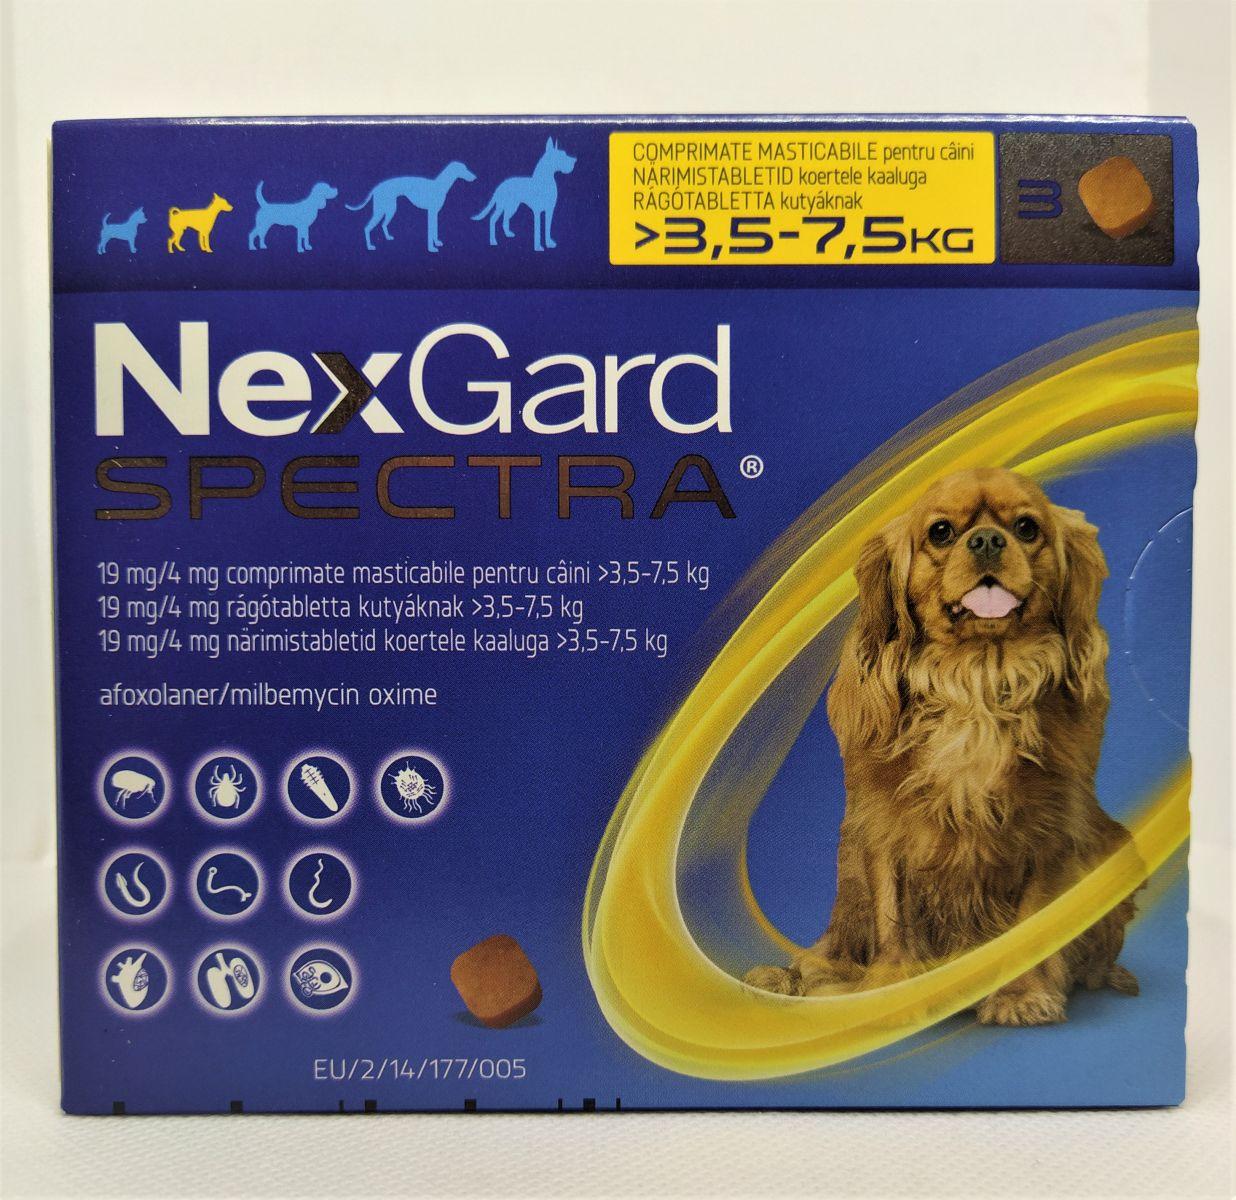 NexGard Spectra 3,5-7,5kg - kullancs, bolha és férgek elleni rágótabletta kutyák számára